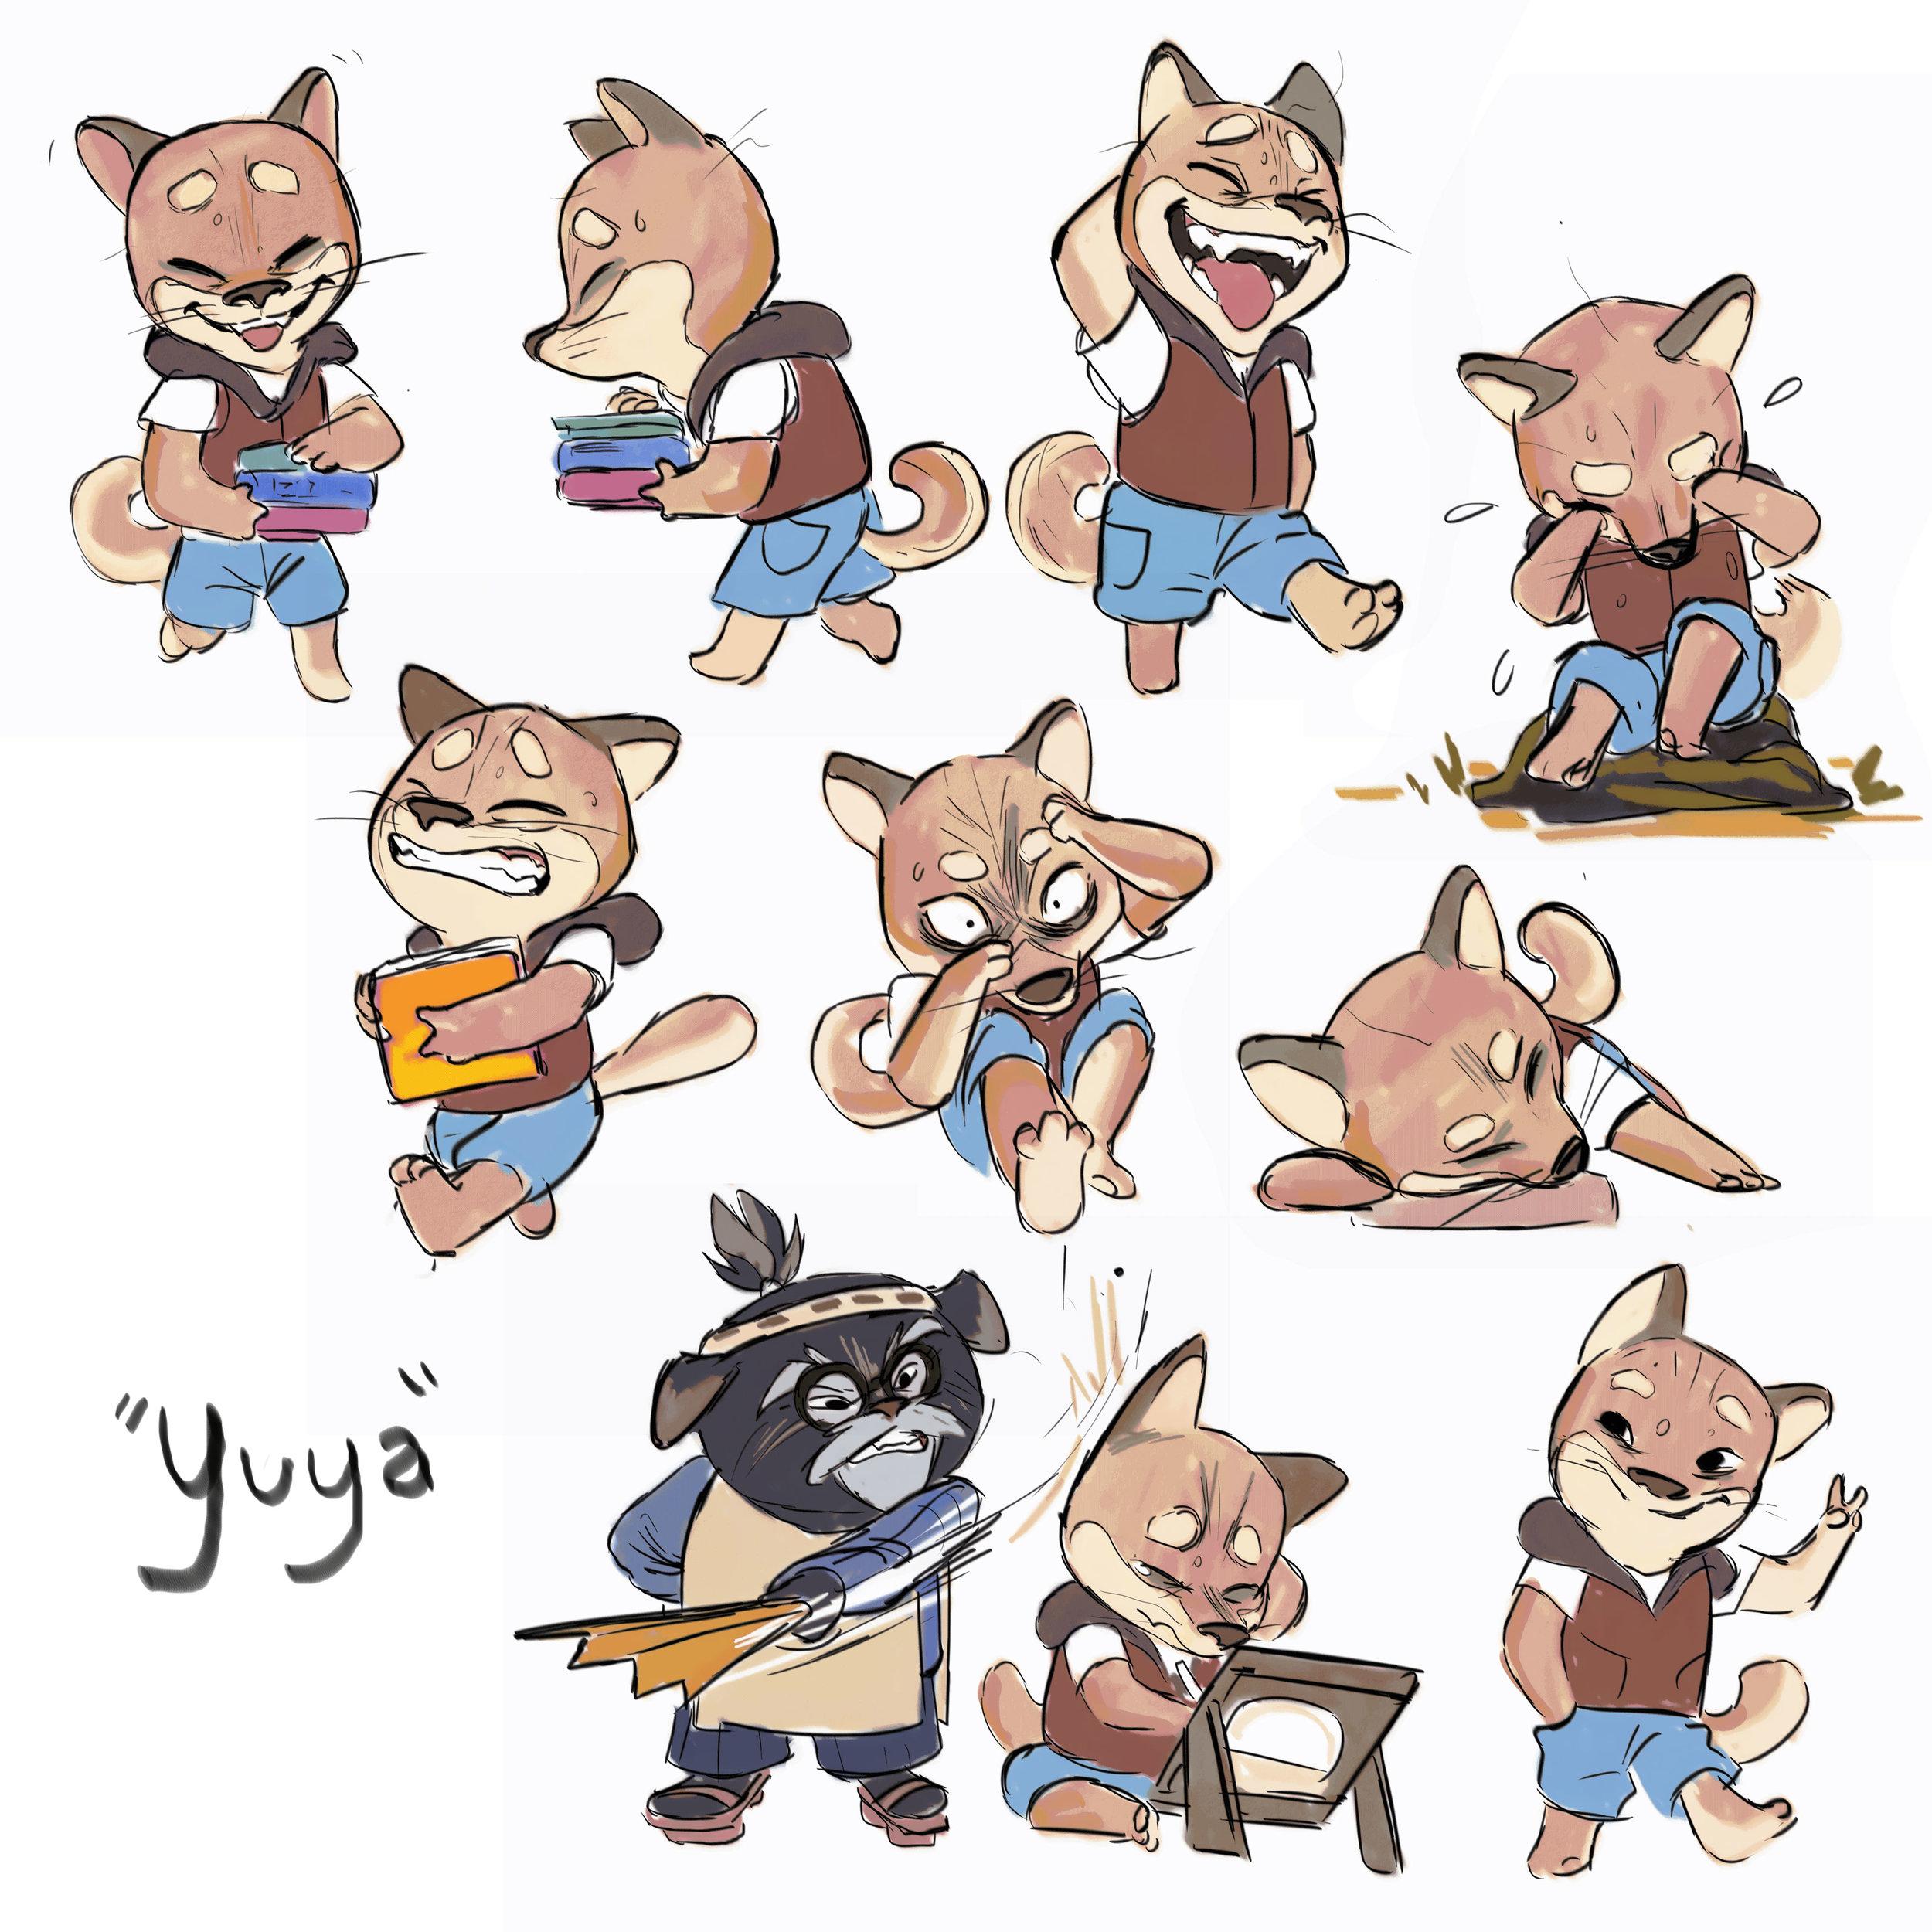 Yuya the Shiba Inu